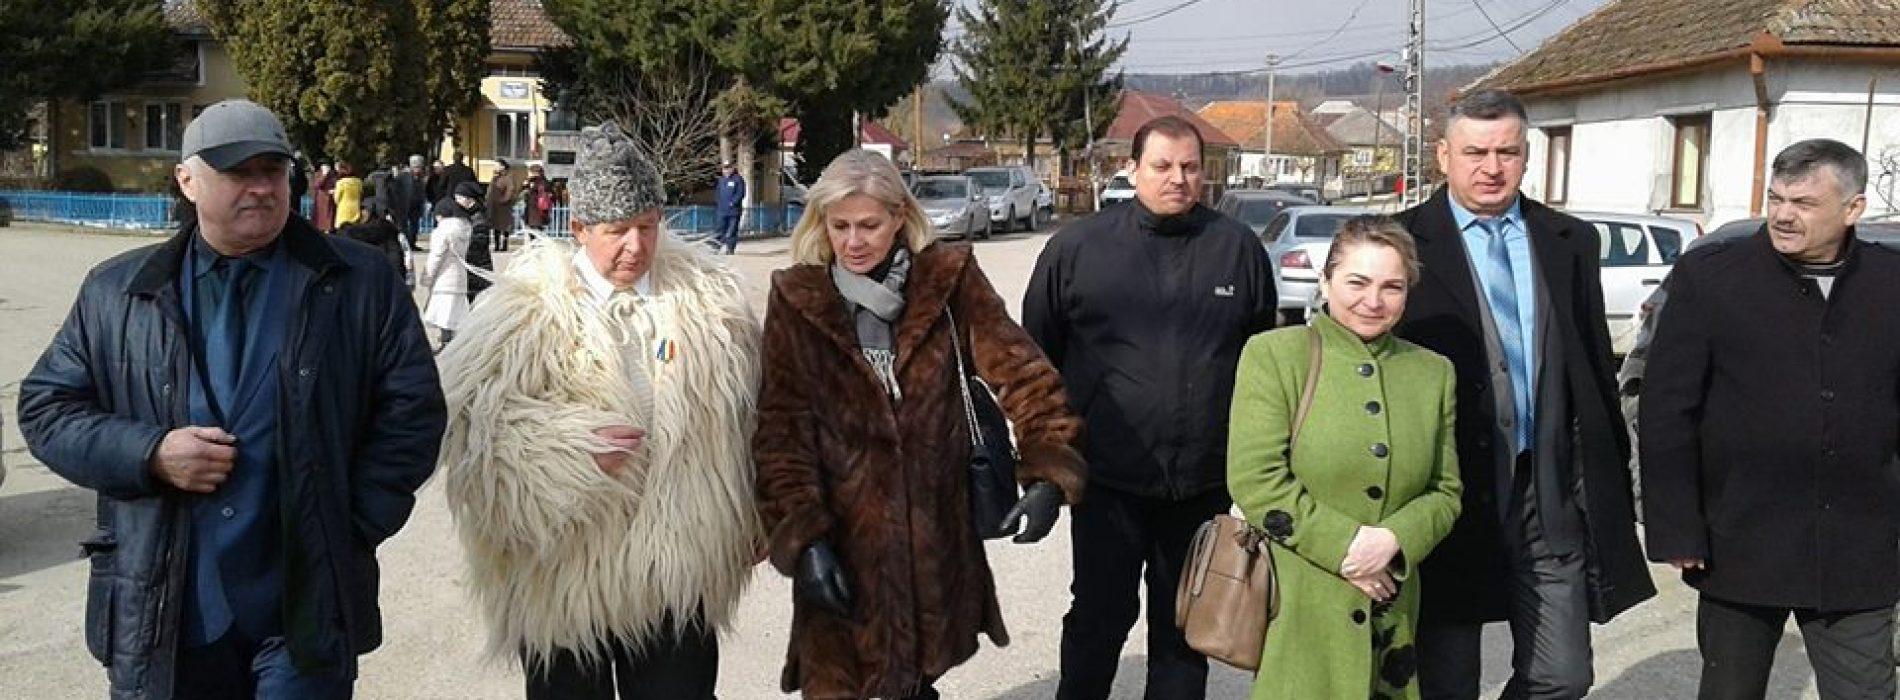 COMEMORARE. ALDE Maramureș, la bustul lui Gheorghe Pop de Băsești